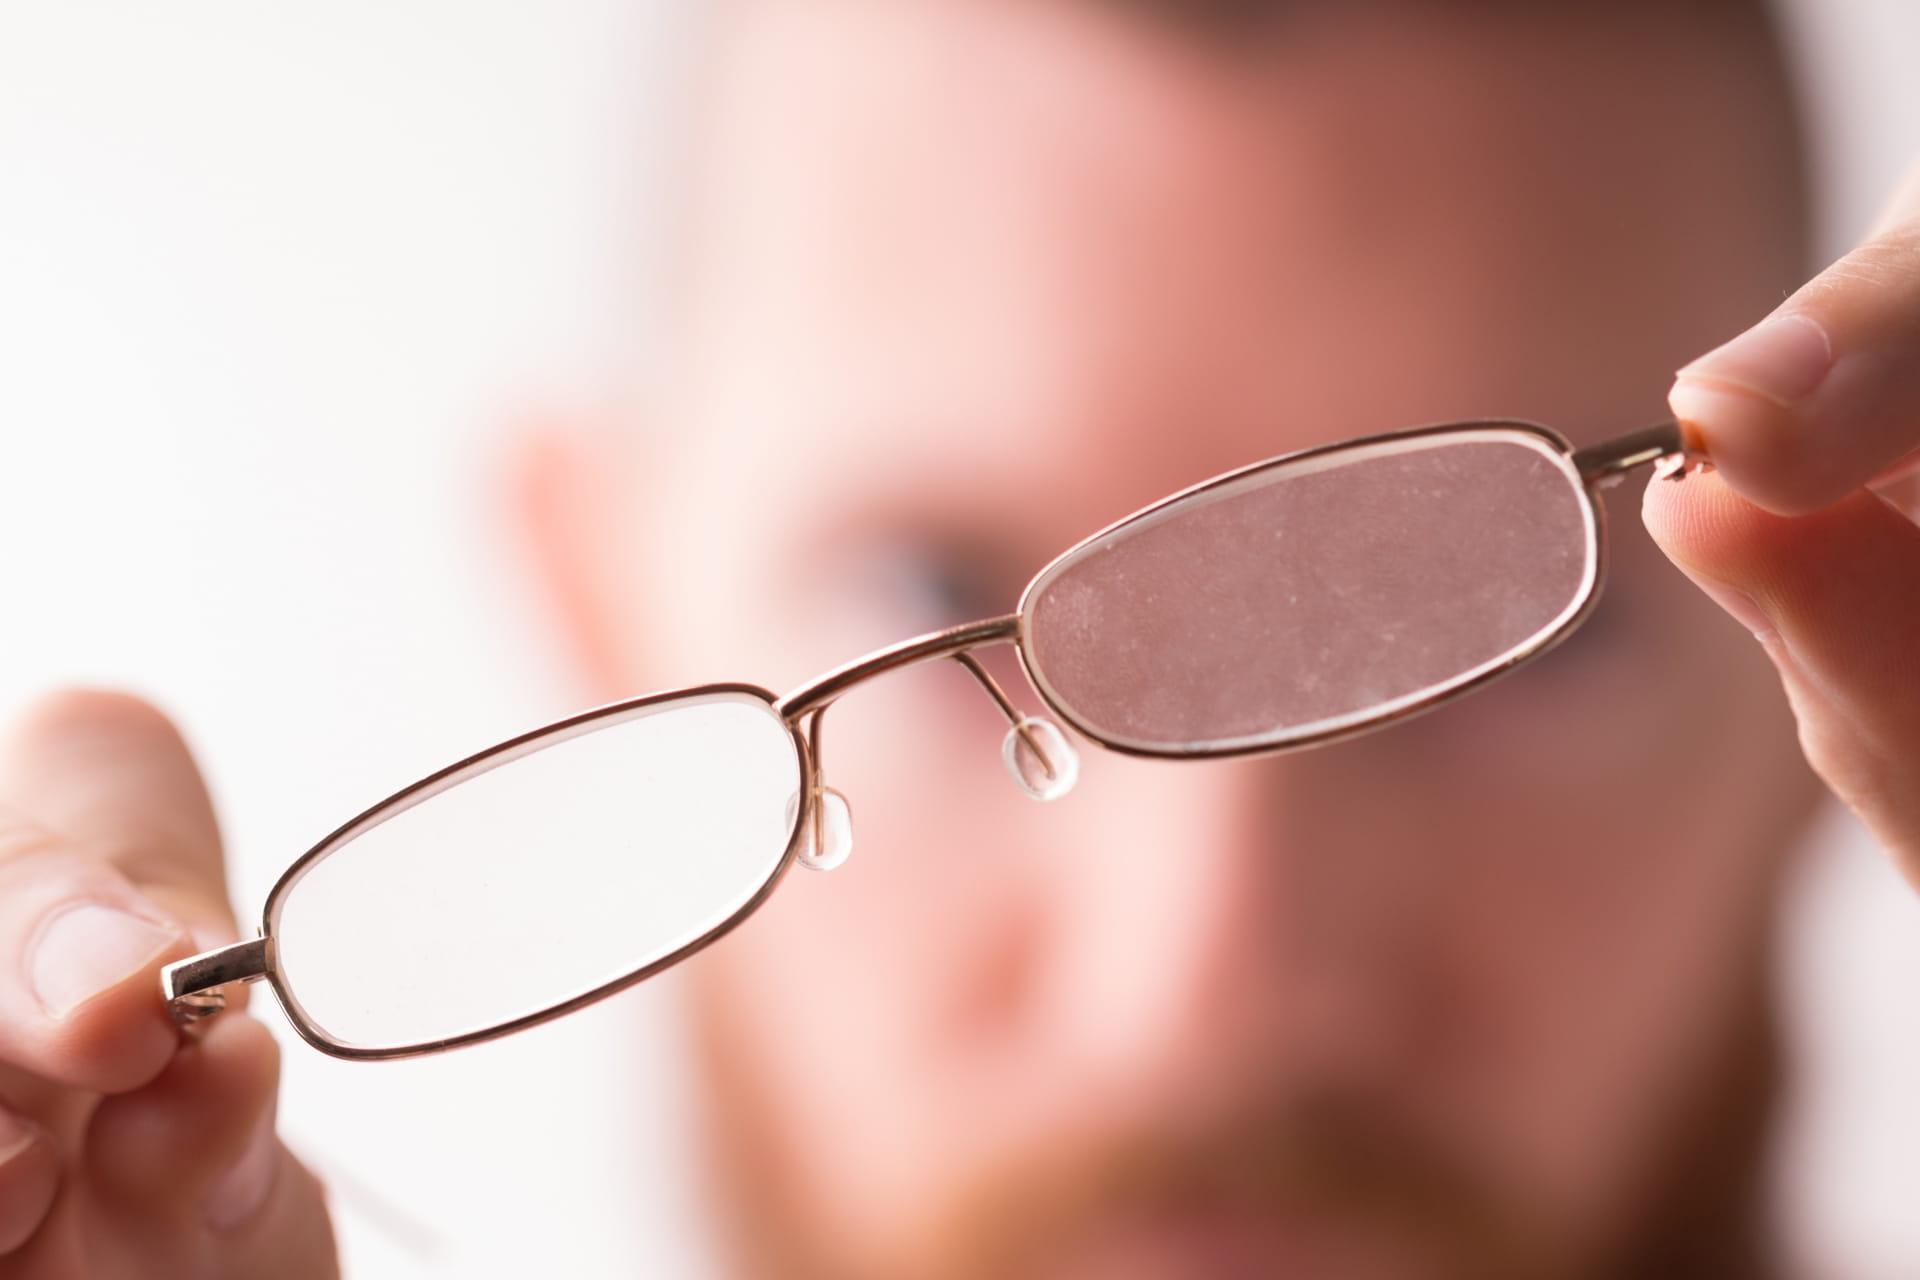 眼鏡とぼやける背景